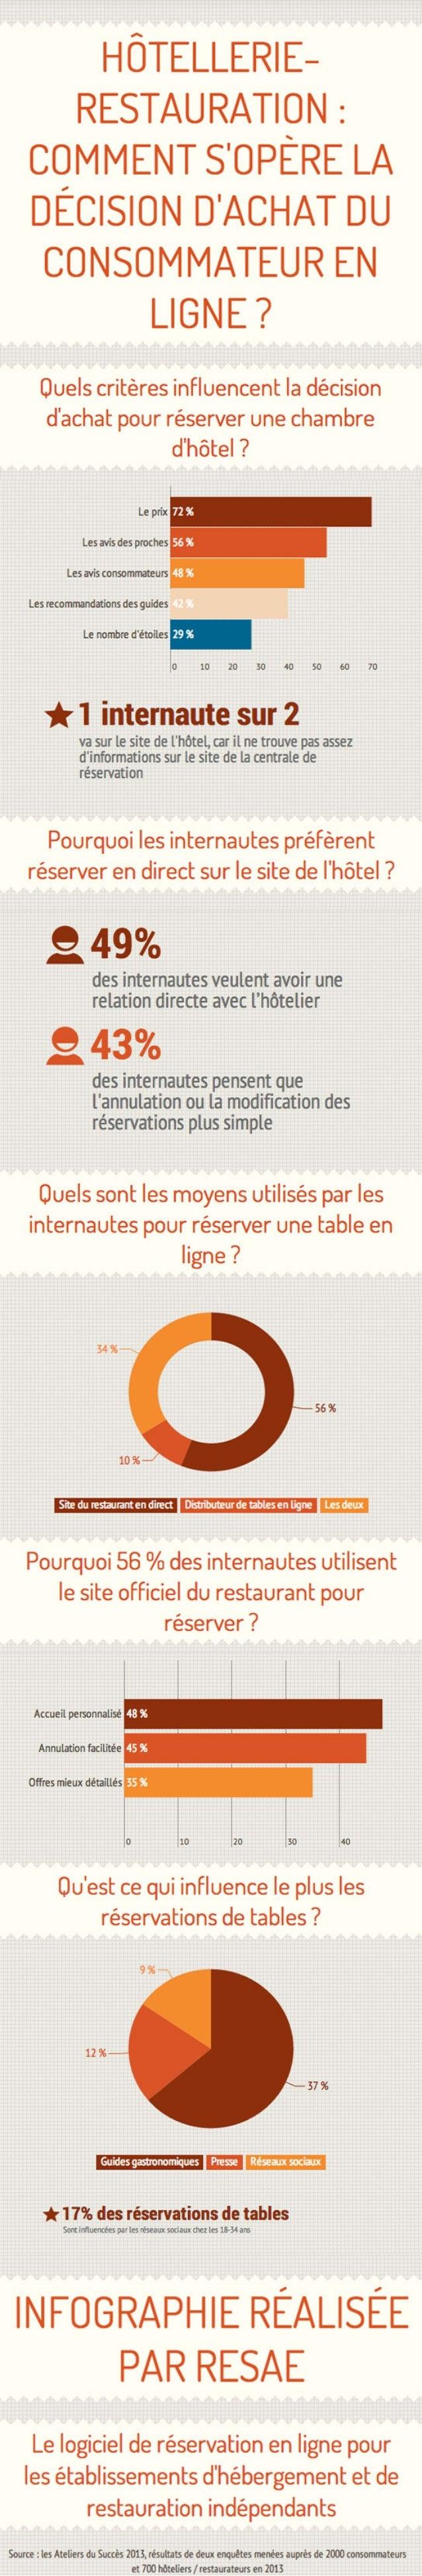 [Infographie] Hôtellerie-restauration : comment s'opère la décision d'achat du consommateur en ligne ?